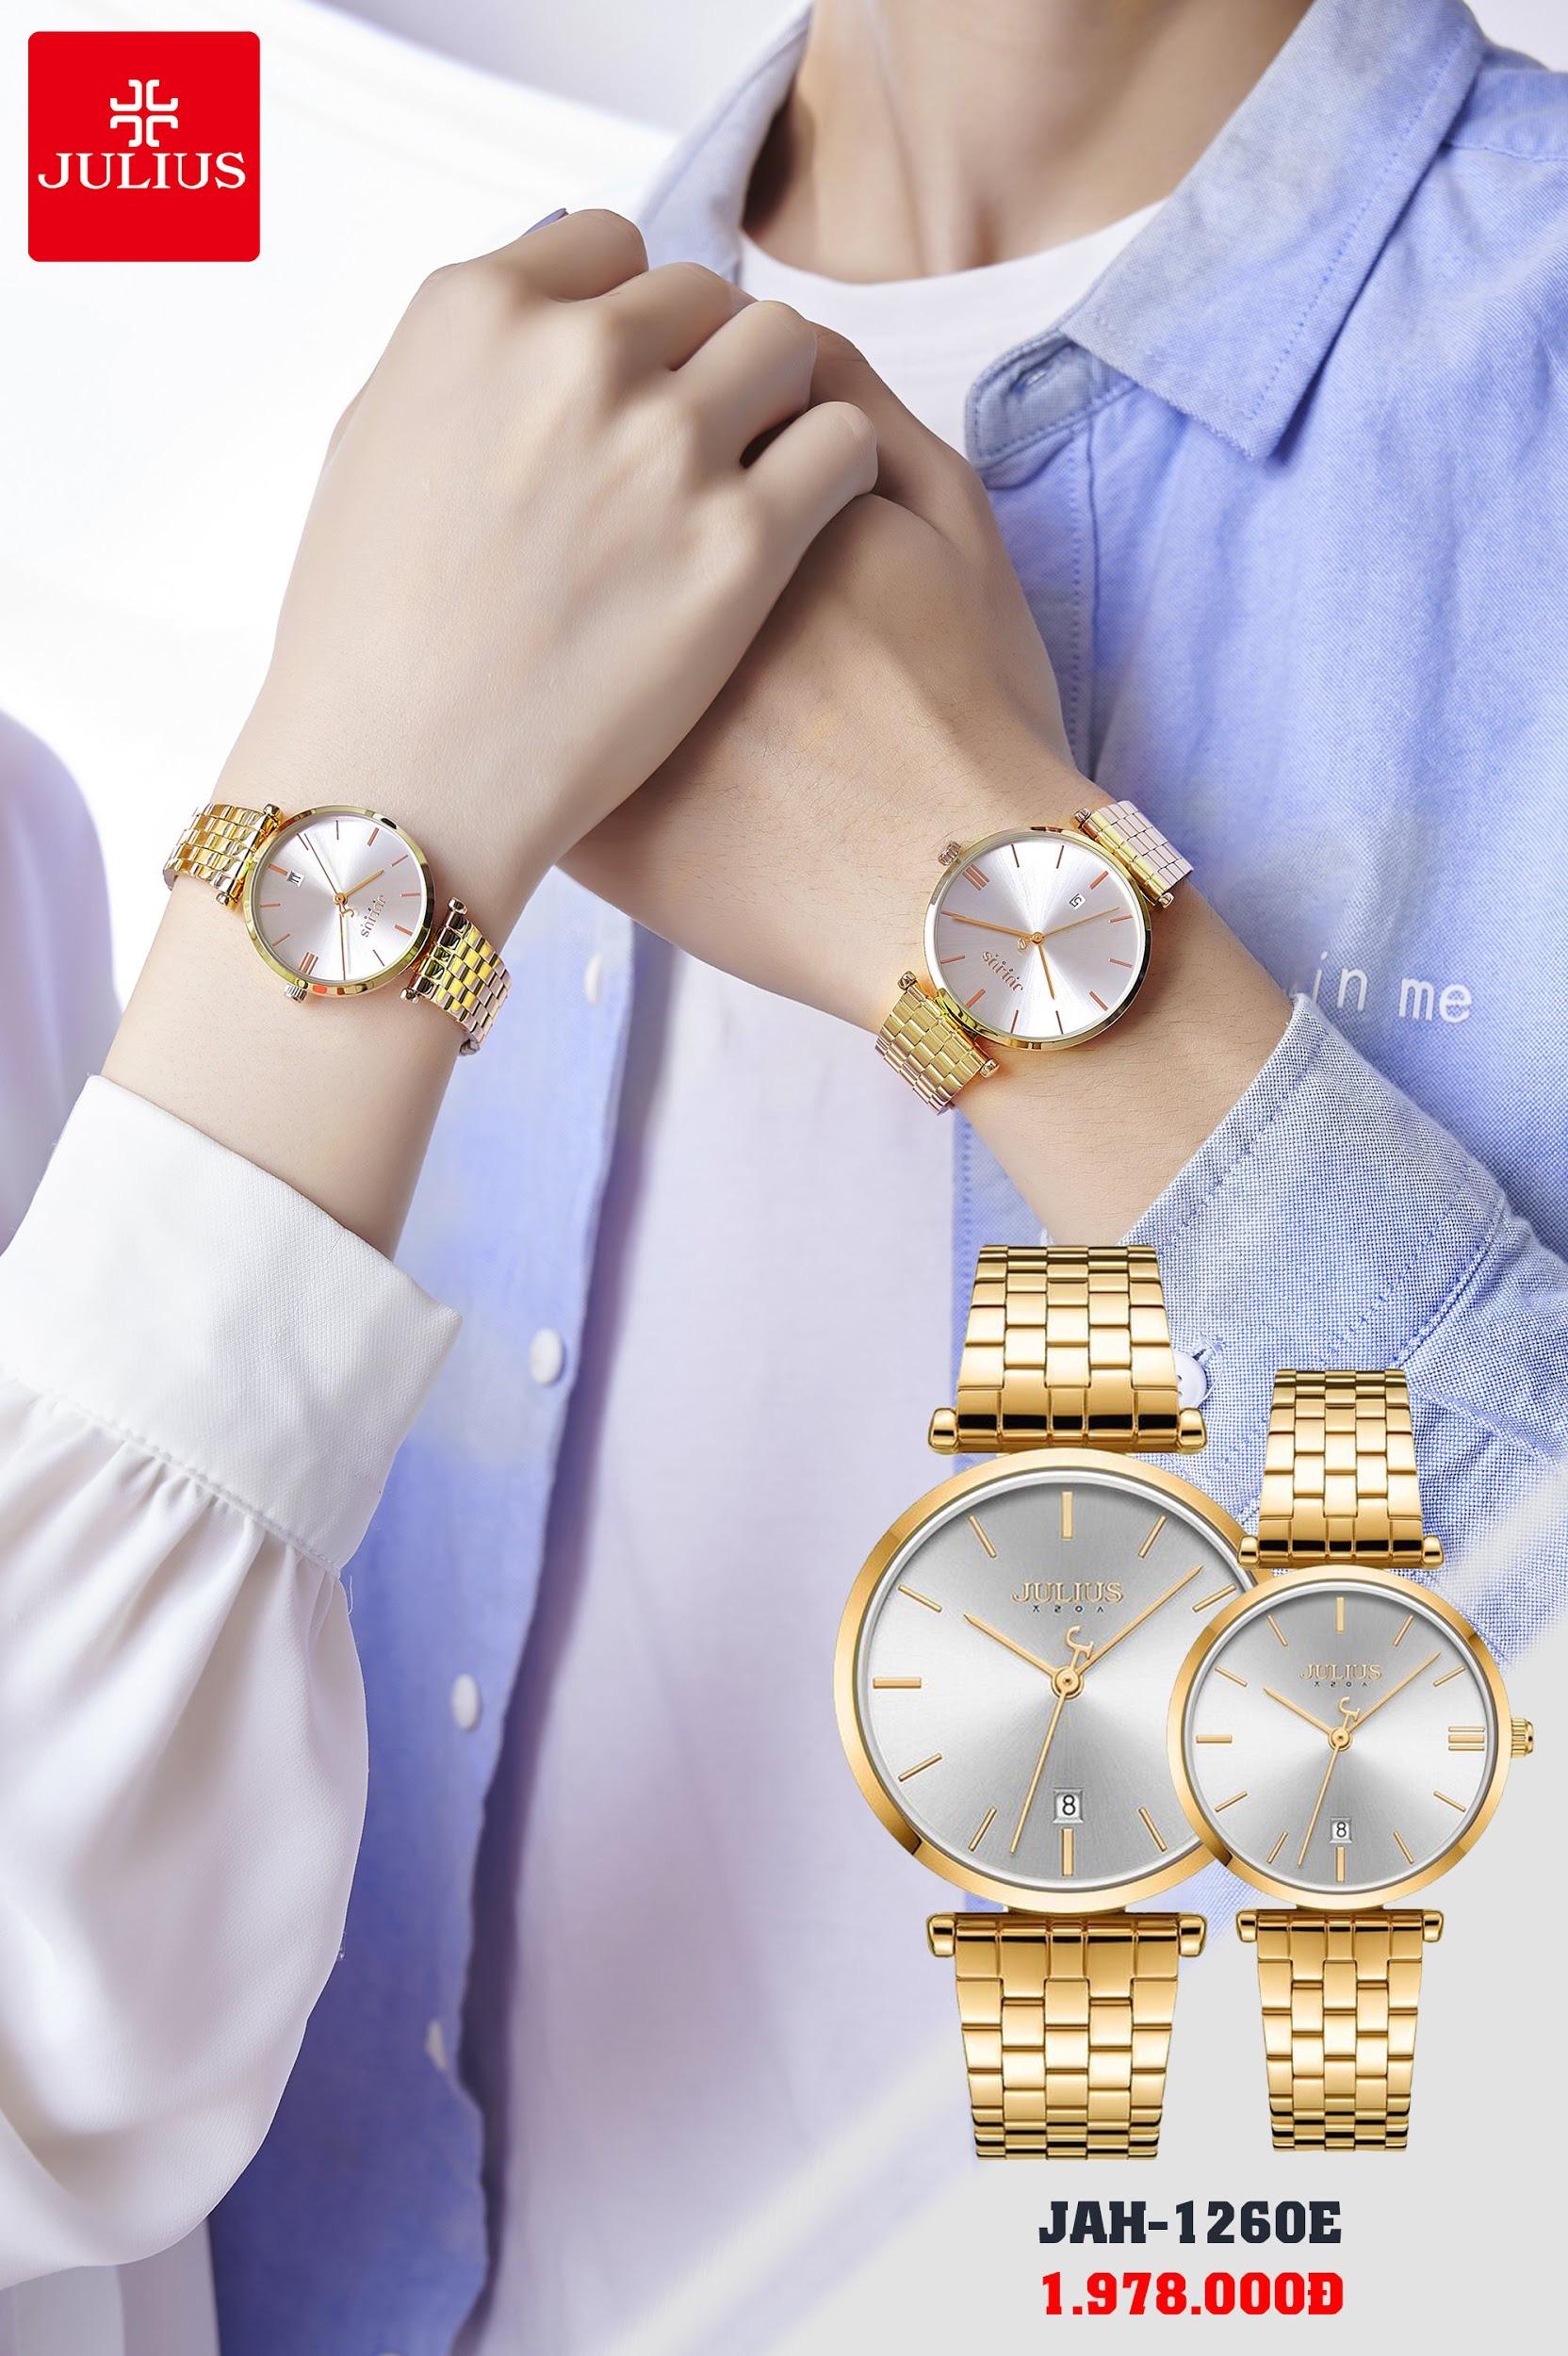 Đồng hồ thời trang Julius đẳng cấp - trao trọn yêu thương cho phái đẹp nhân ngày 8/3 - Ảnh 5.